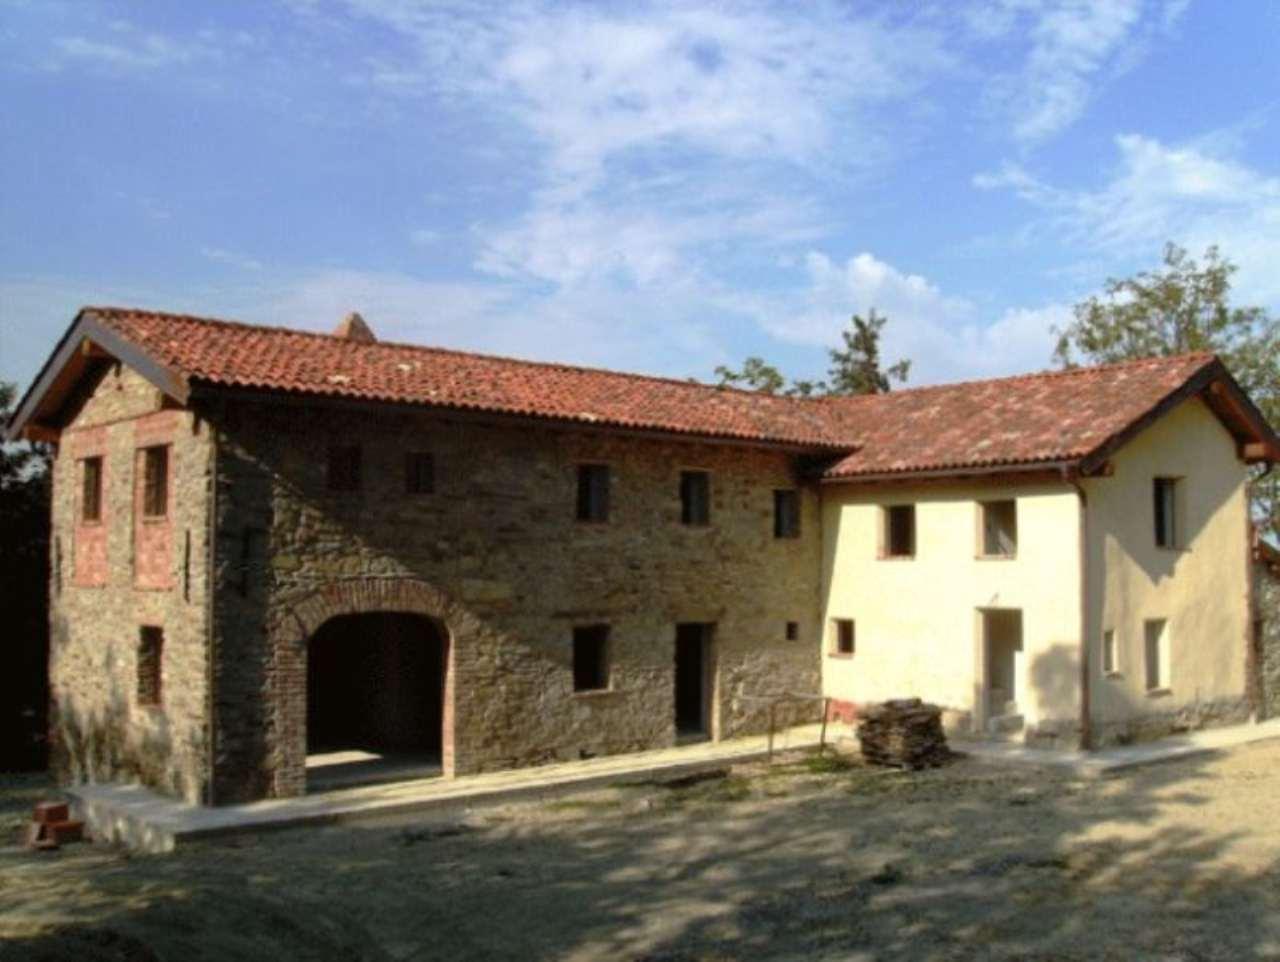 Rustico / Casale in vendita a Morsasco, 6 locali, prezzo € 600.000 | Cambio Casa.it